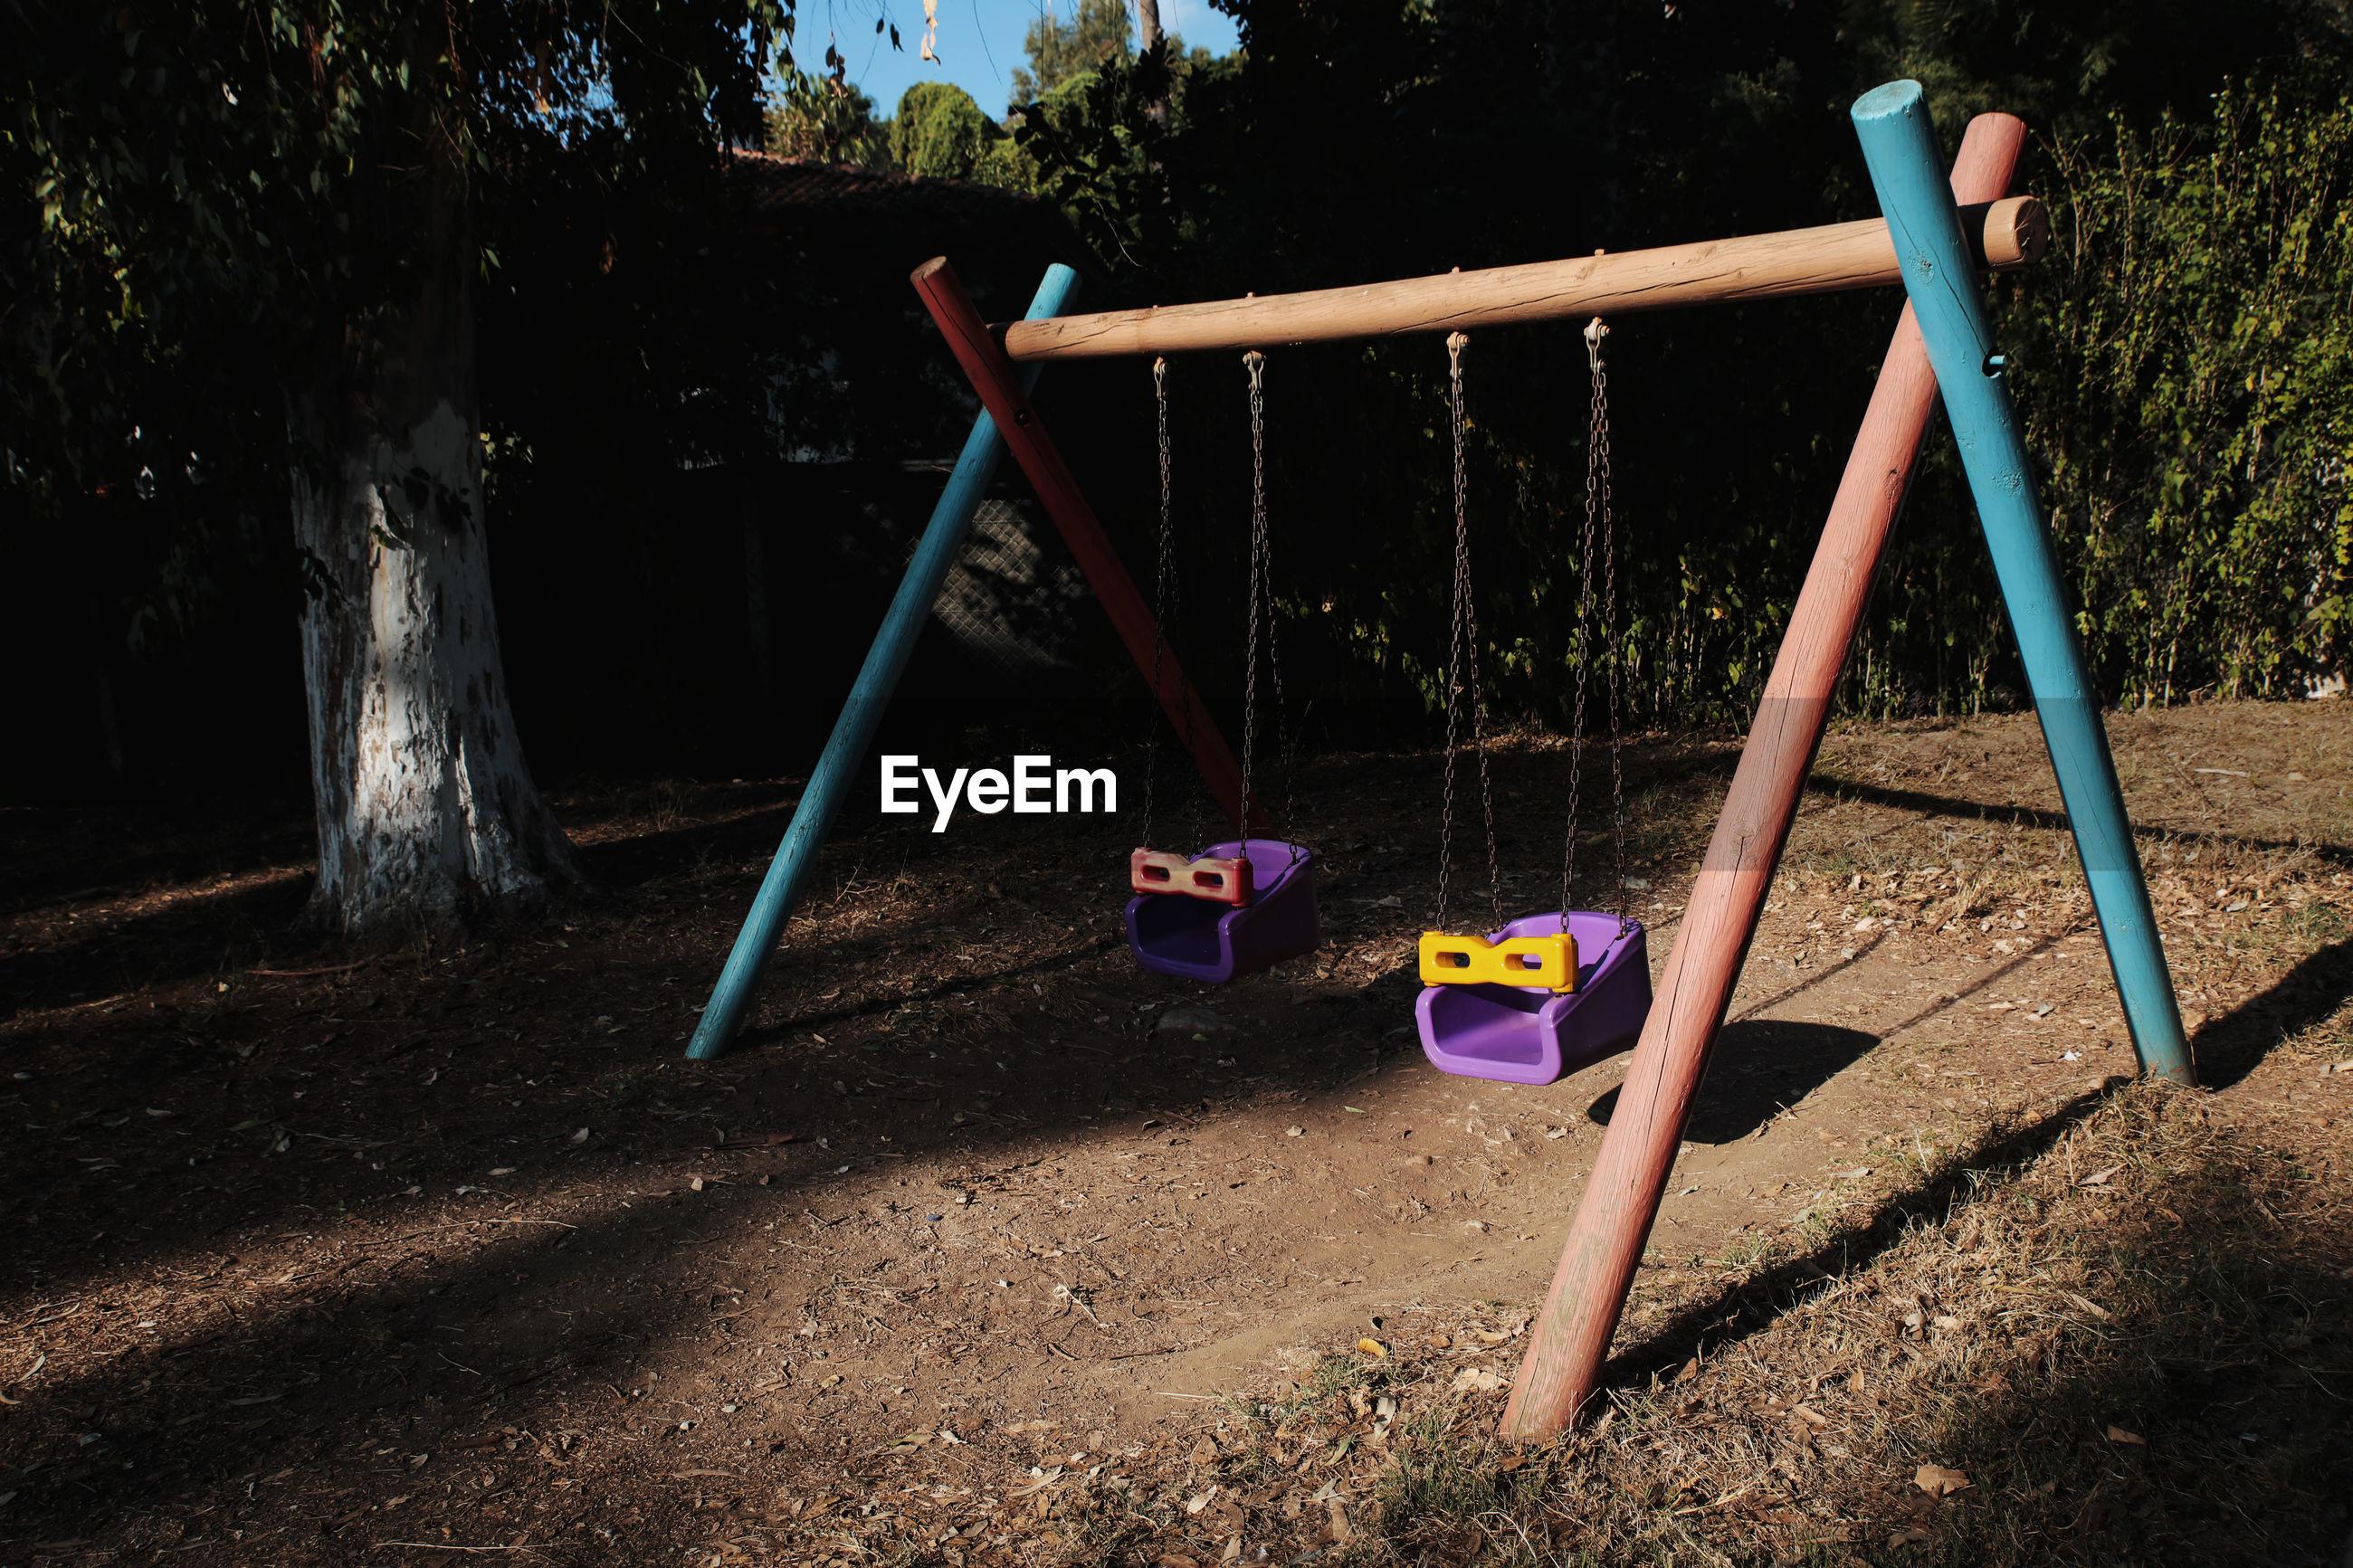 View of empty swings in park